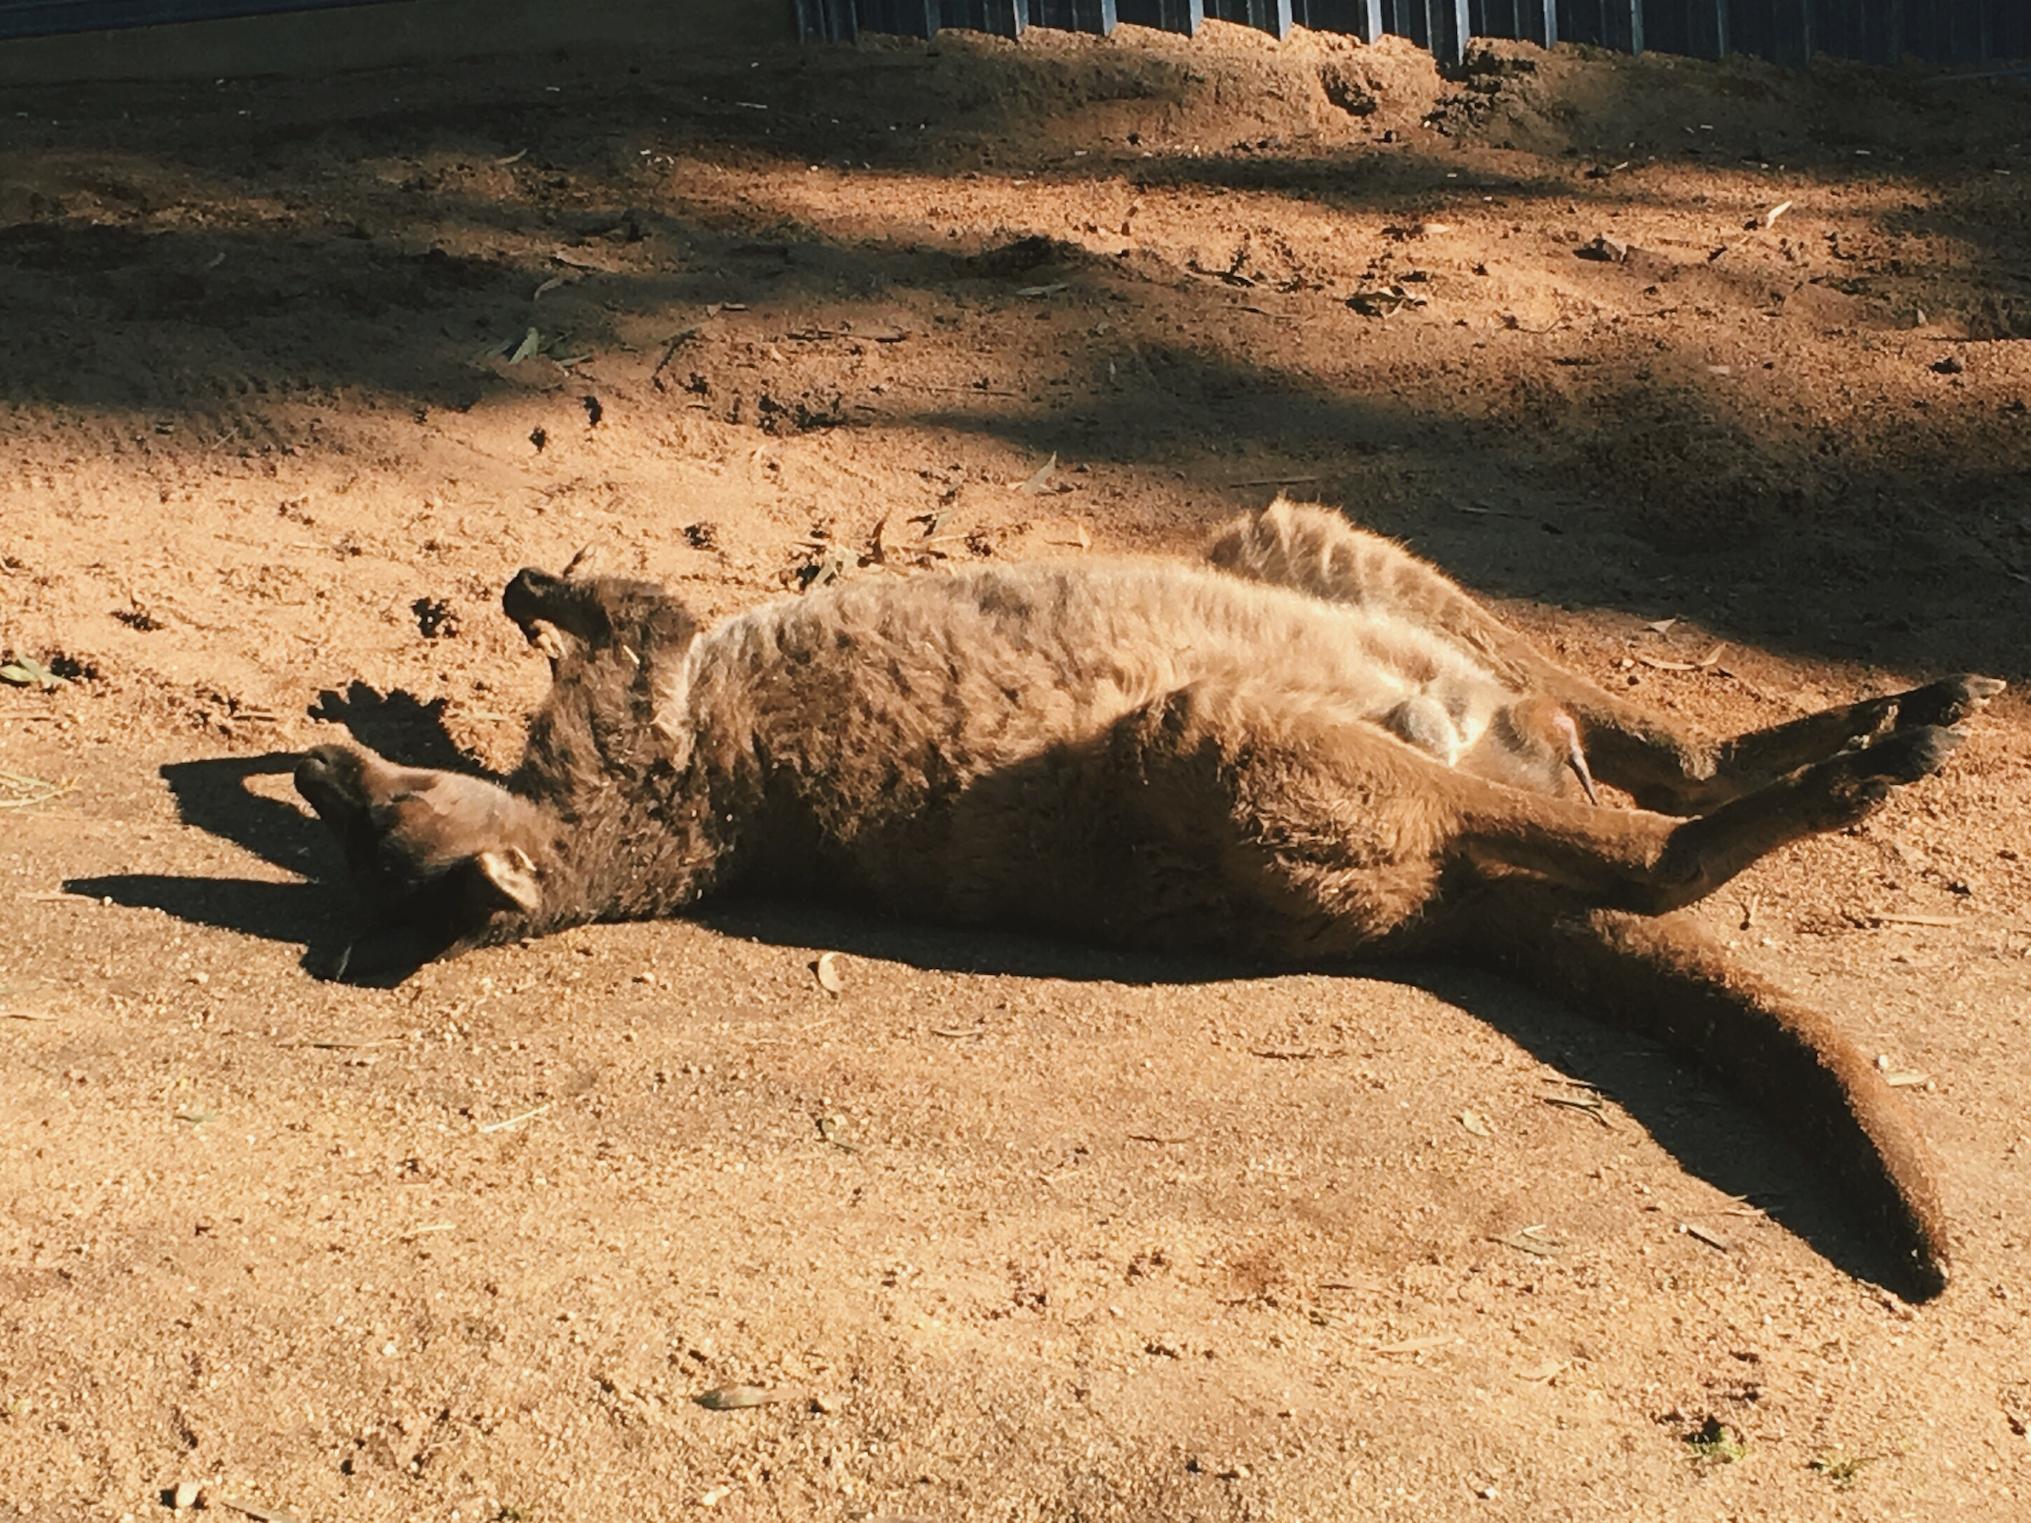 Kangaroo basking at the Ballarat Wildlife Park